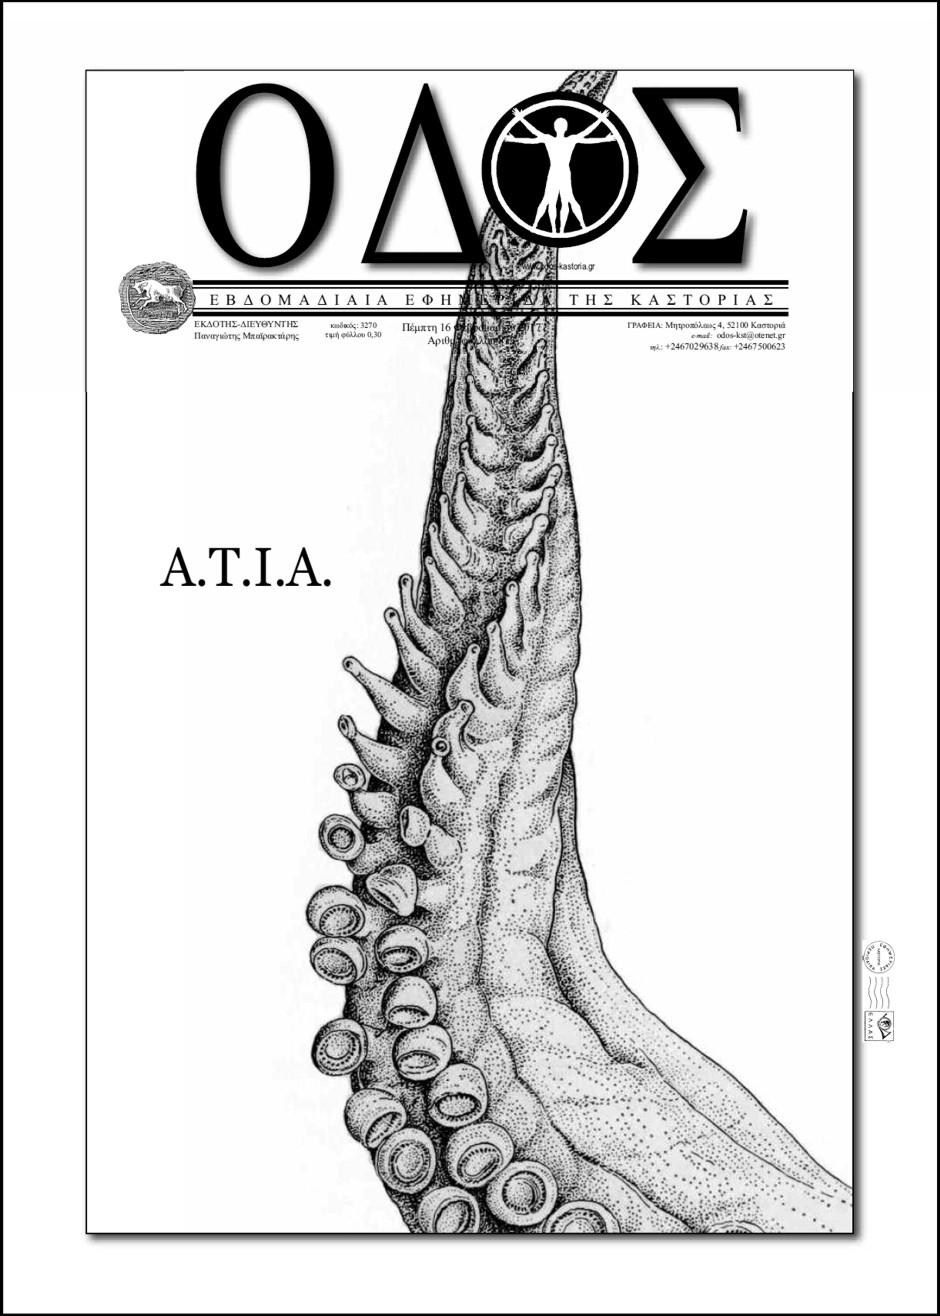 A.T.I.A.